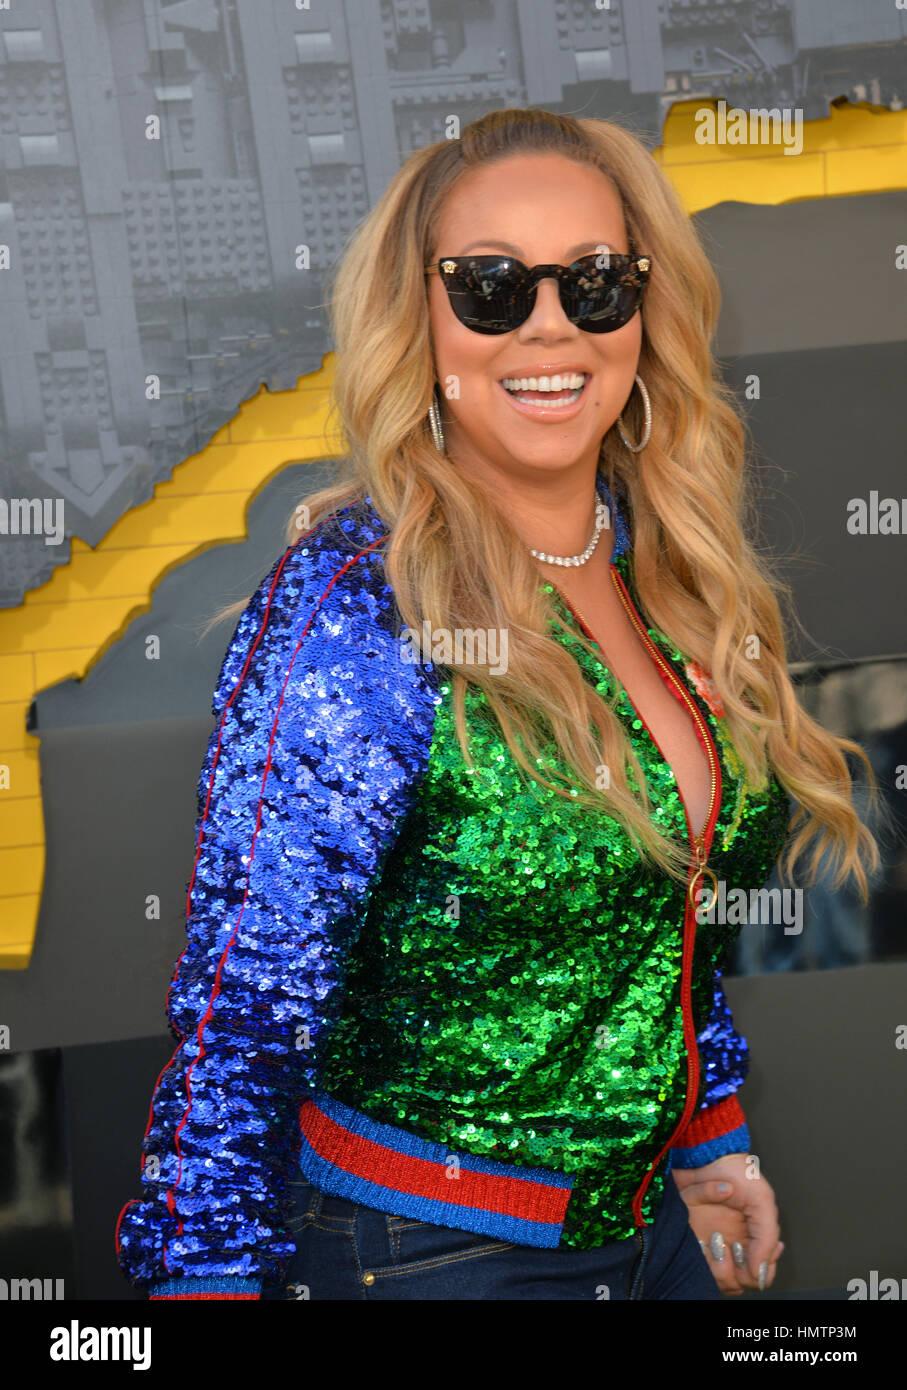 Los Angeles, Estados Unidos. 4 Feb, 2017. La actriz/cantante Mariah Carey en el estreno mundial de la película Imagen De Stock